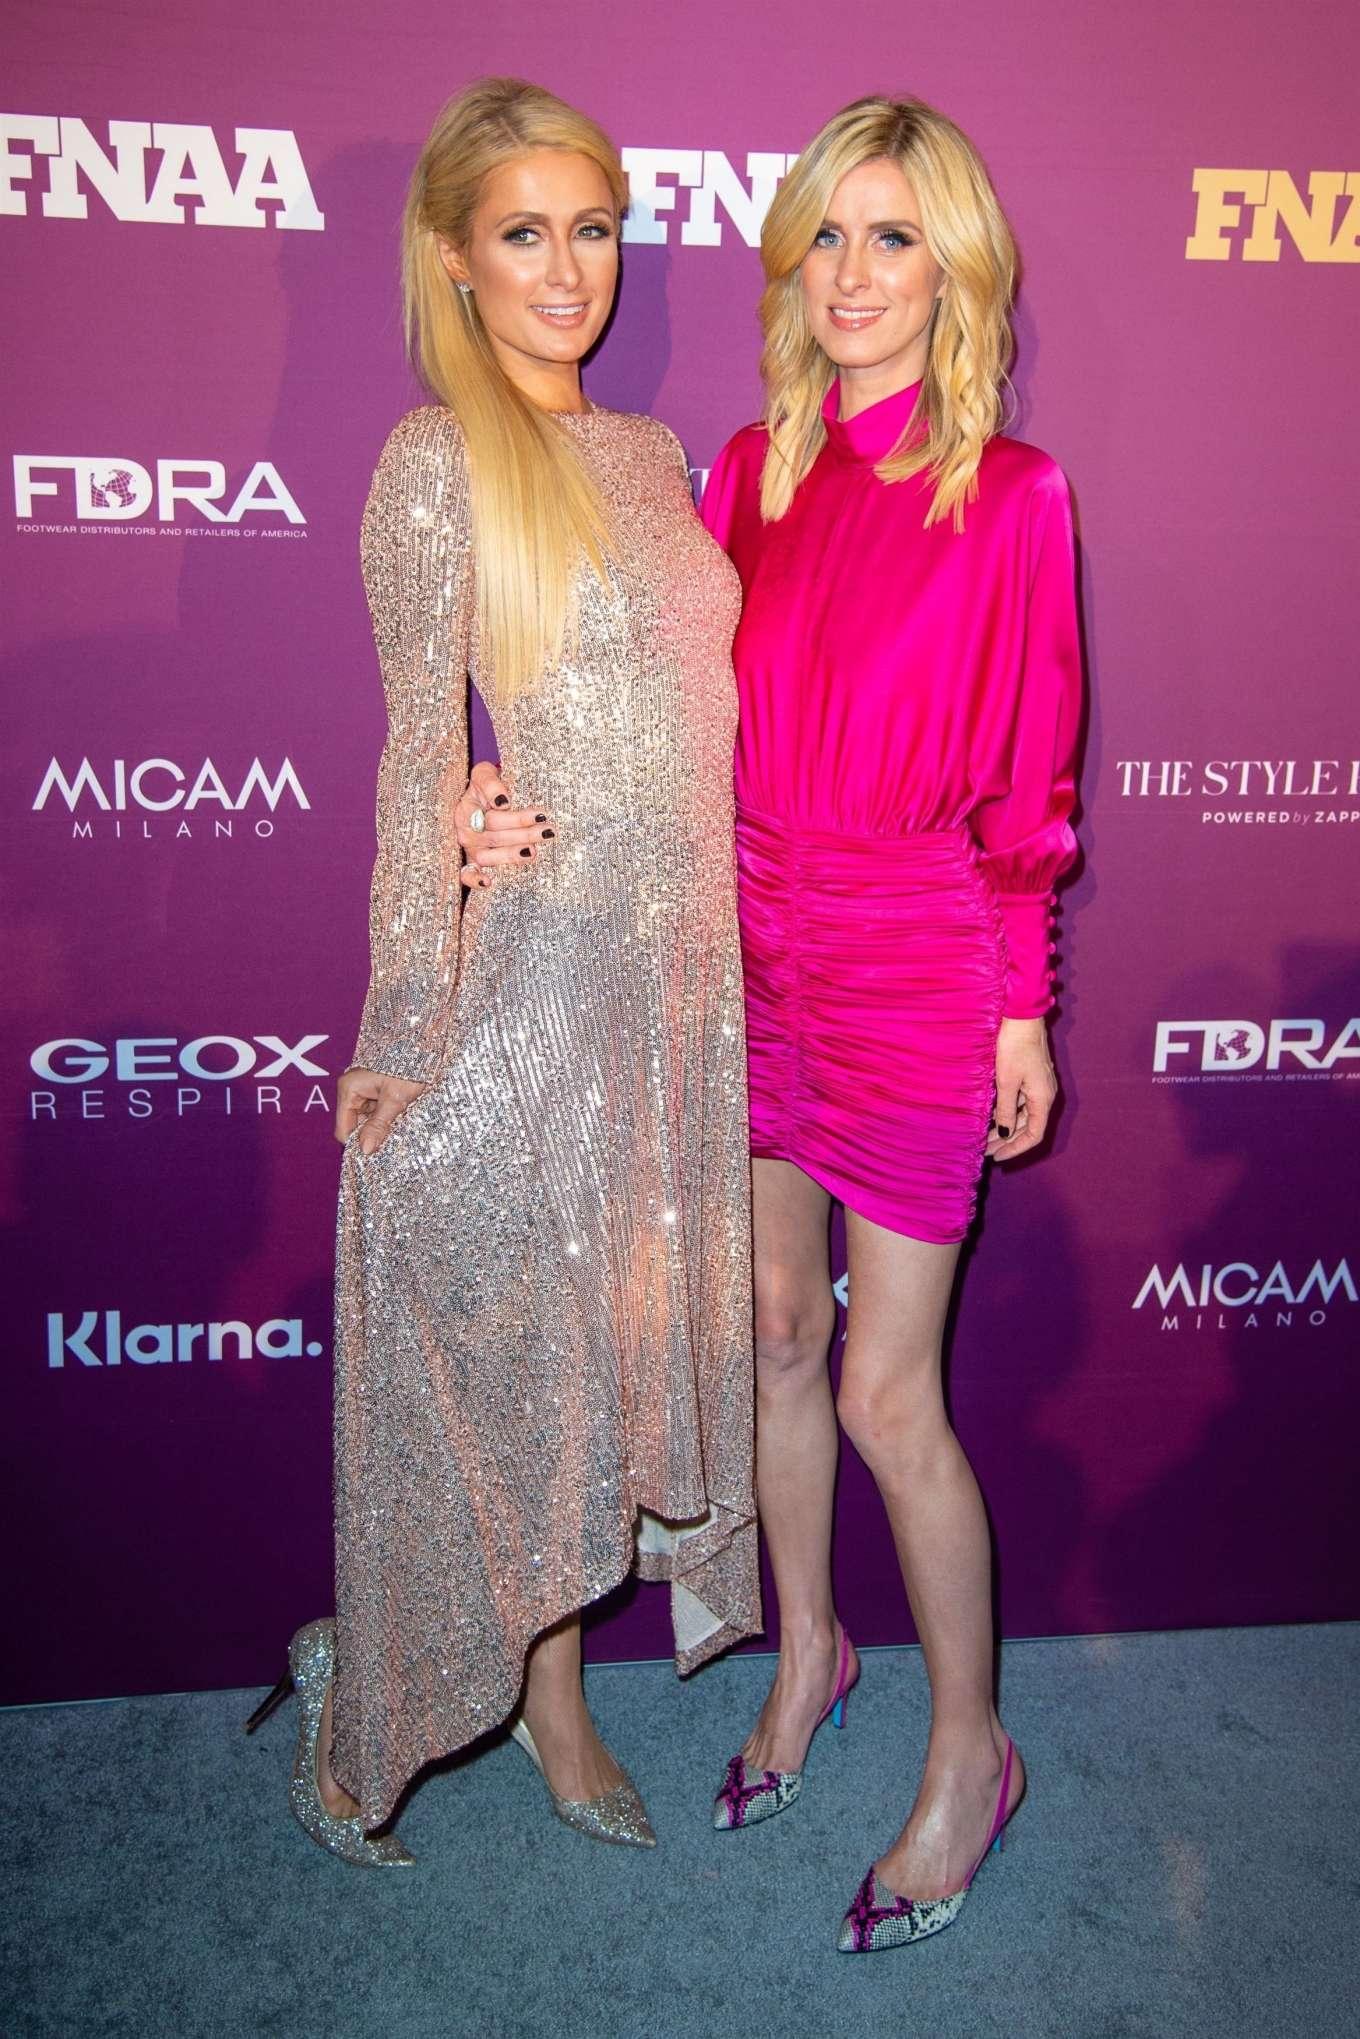 Nicky Hilton - Footwear News Achievement Awards IAC in New York City